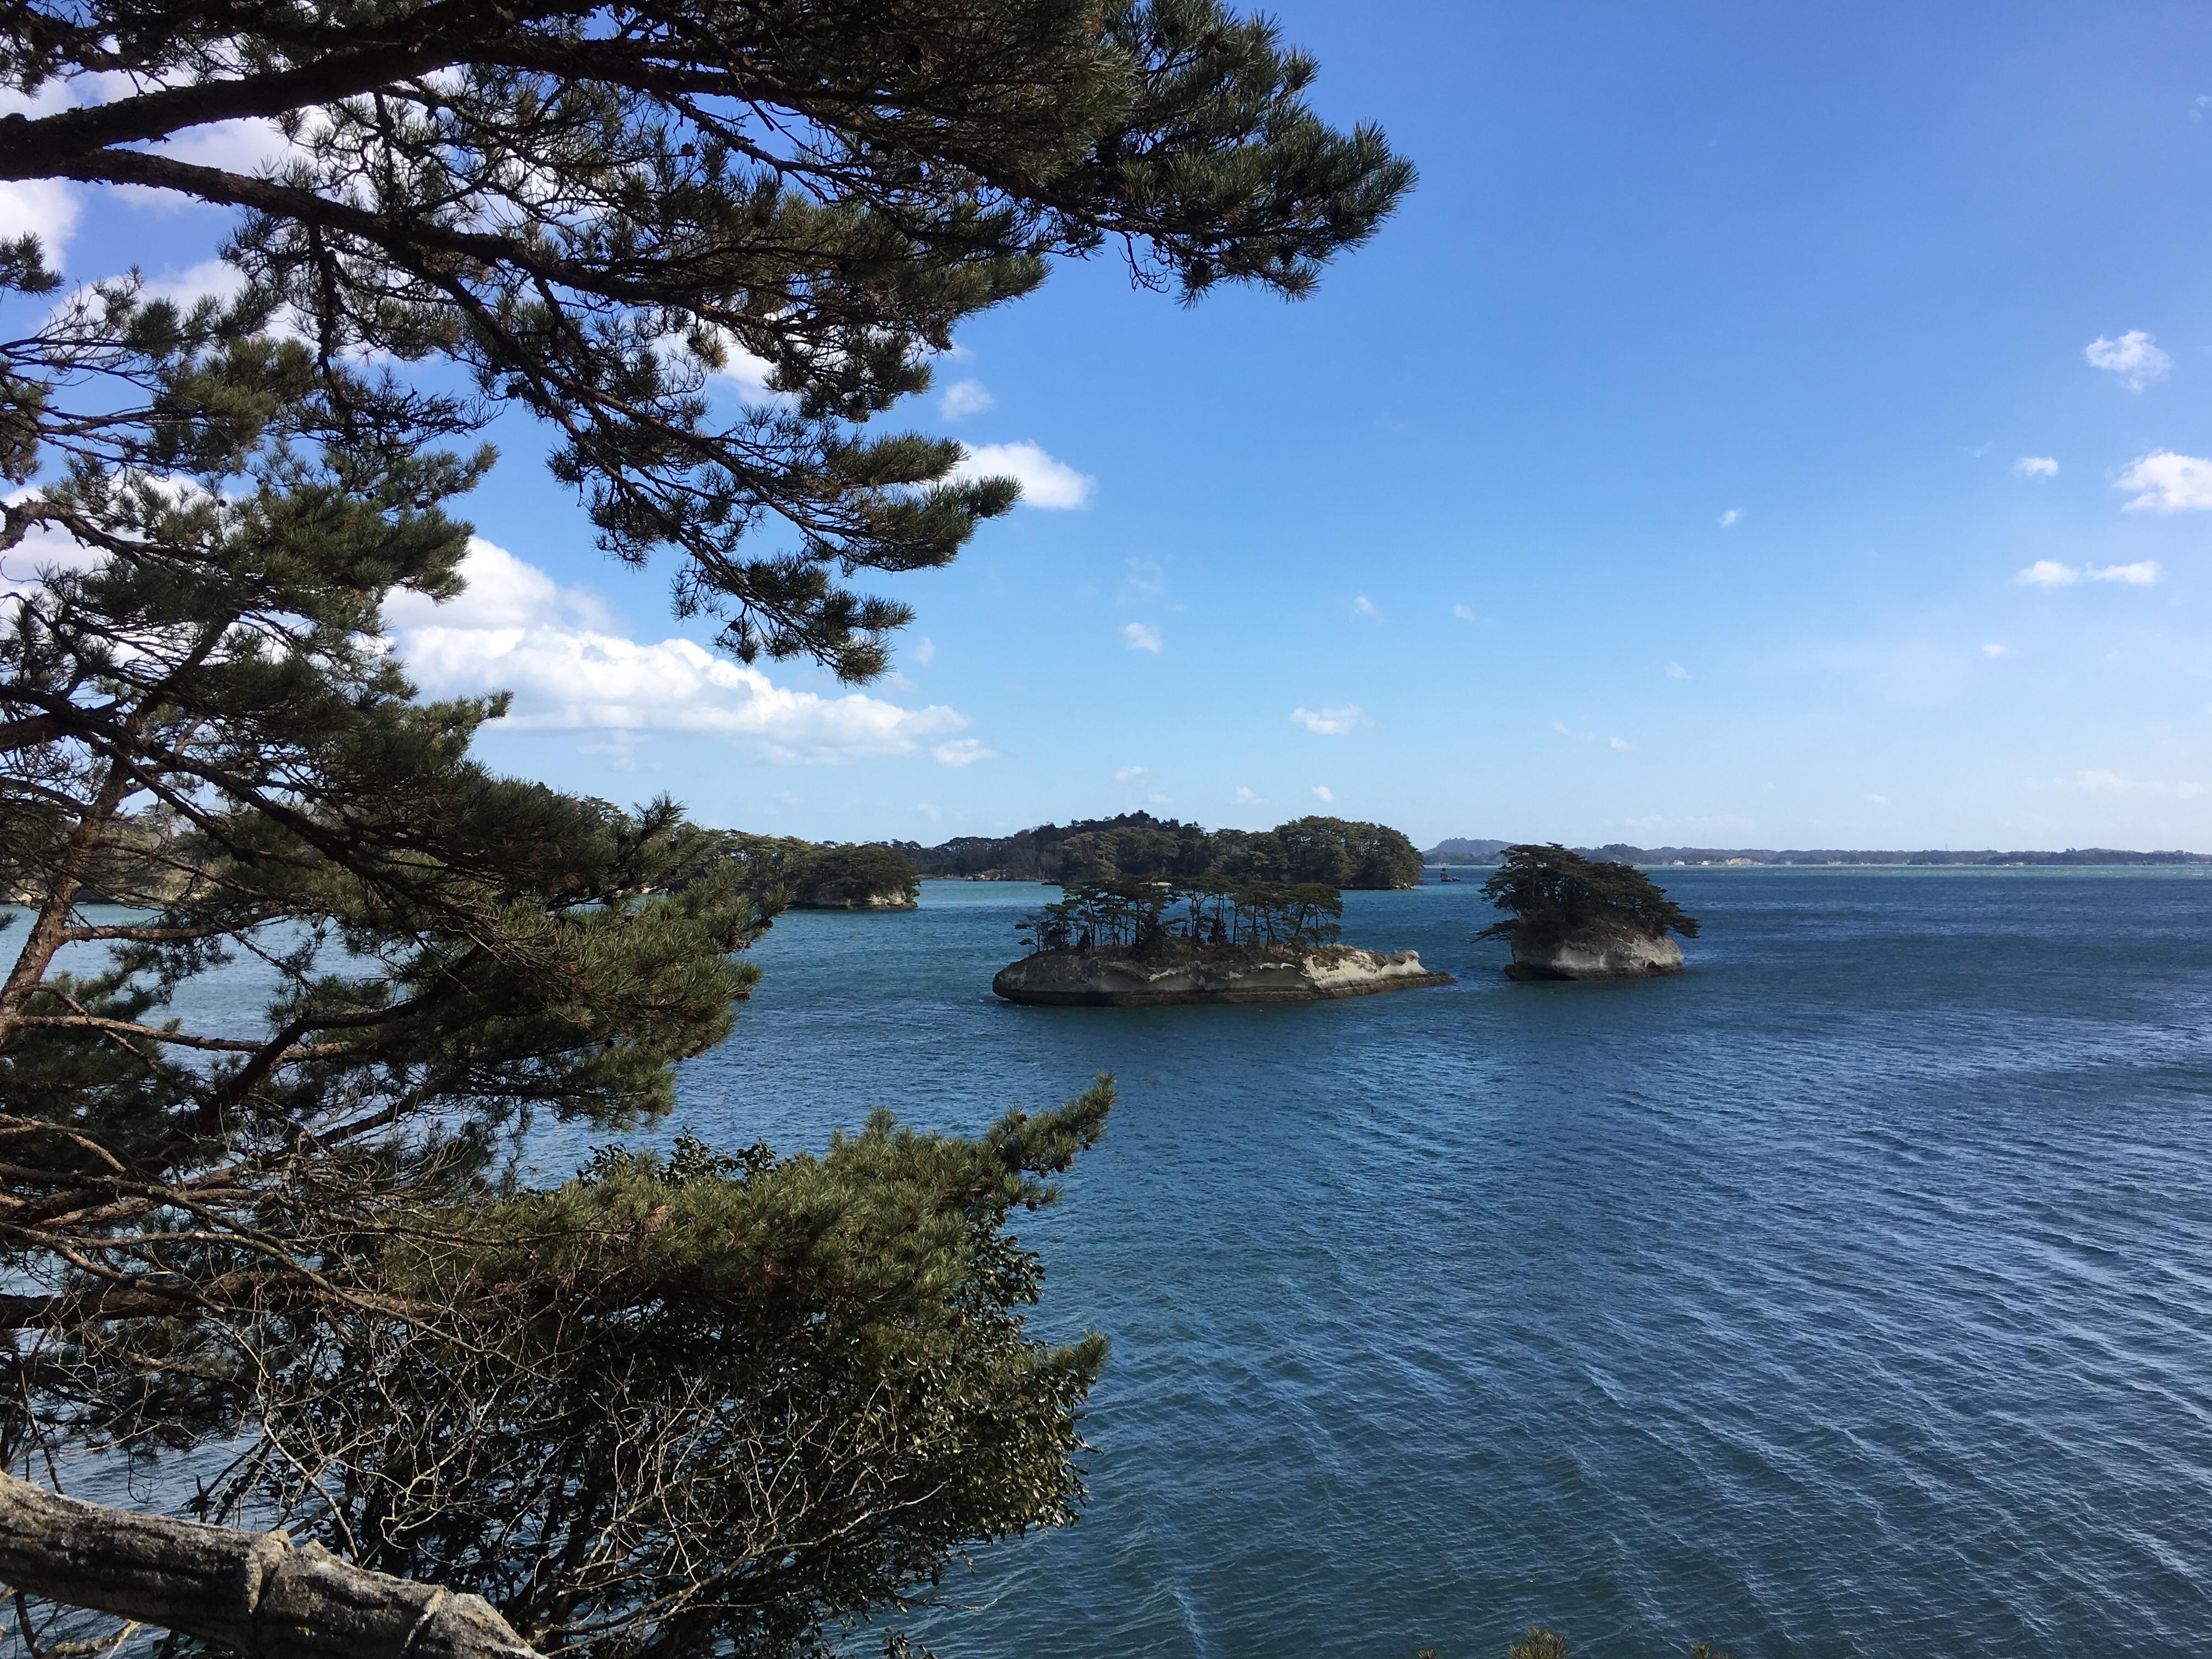 f:id:hirari-uv-taku:20170326220512j:image